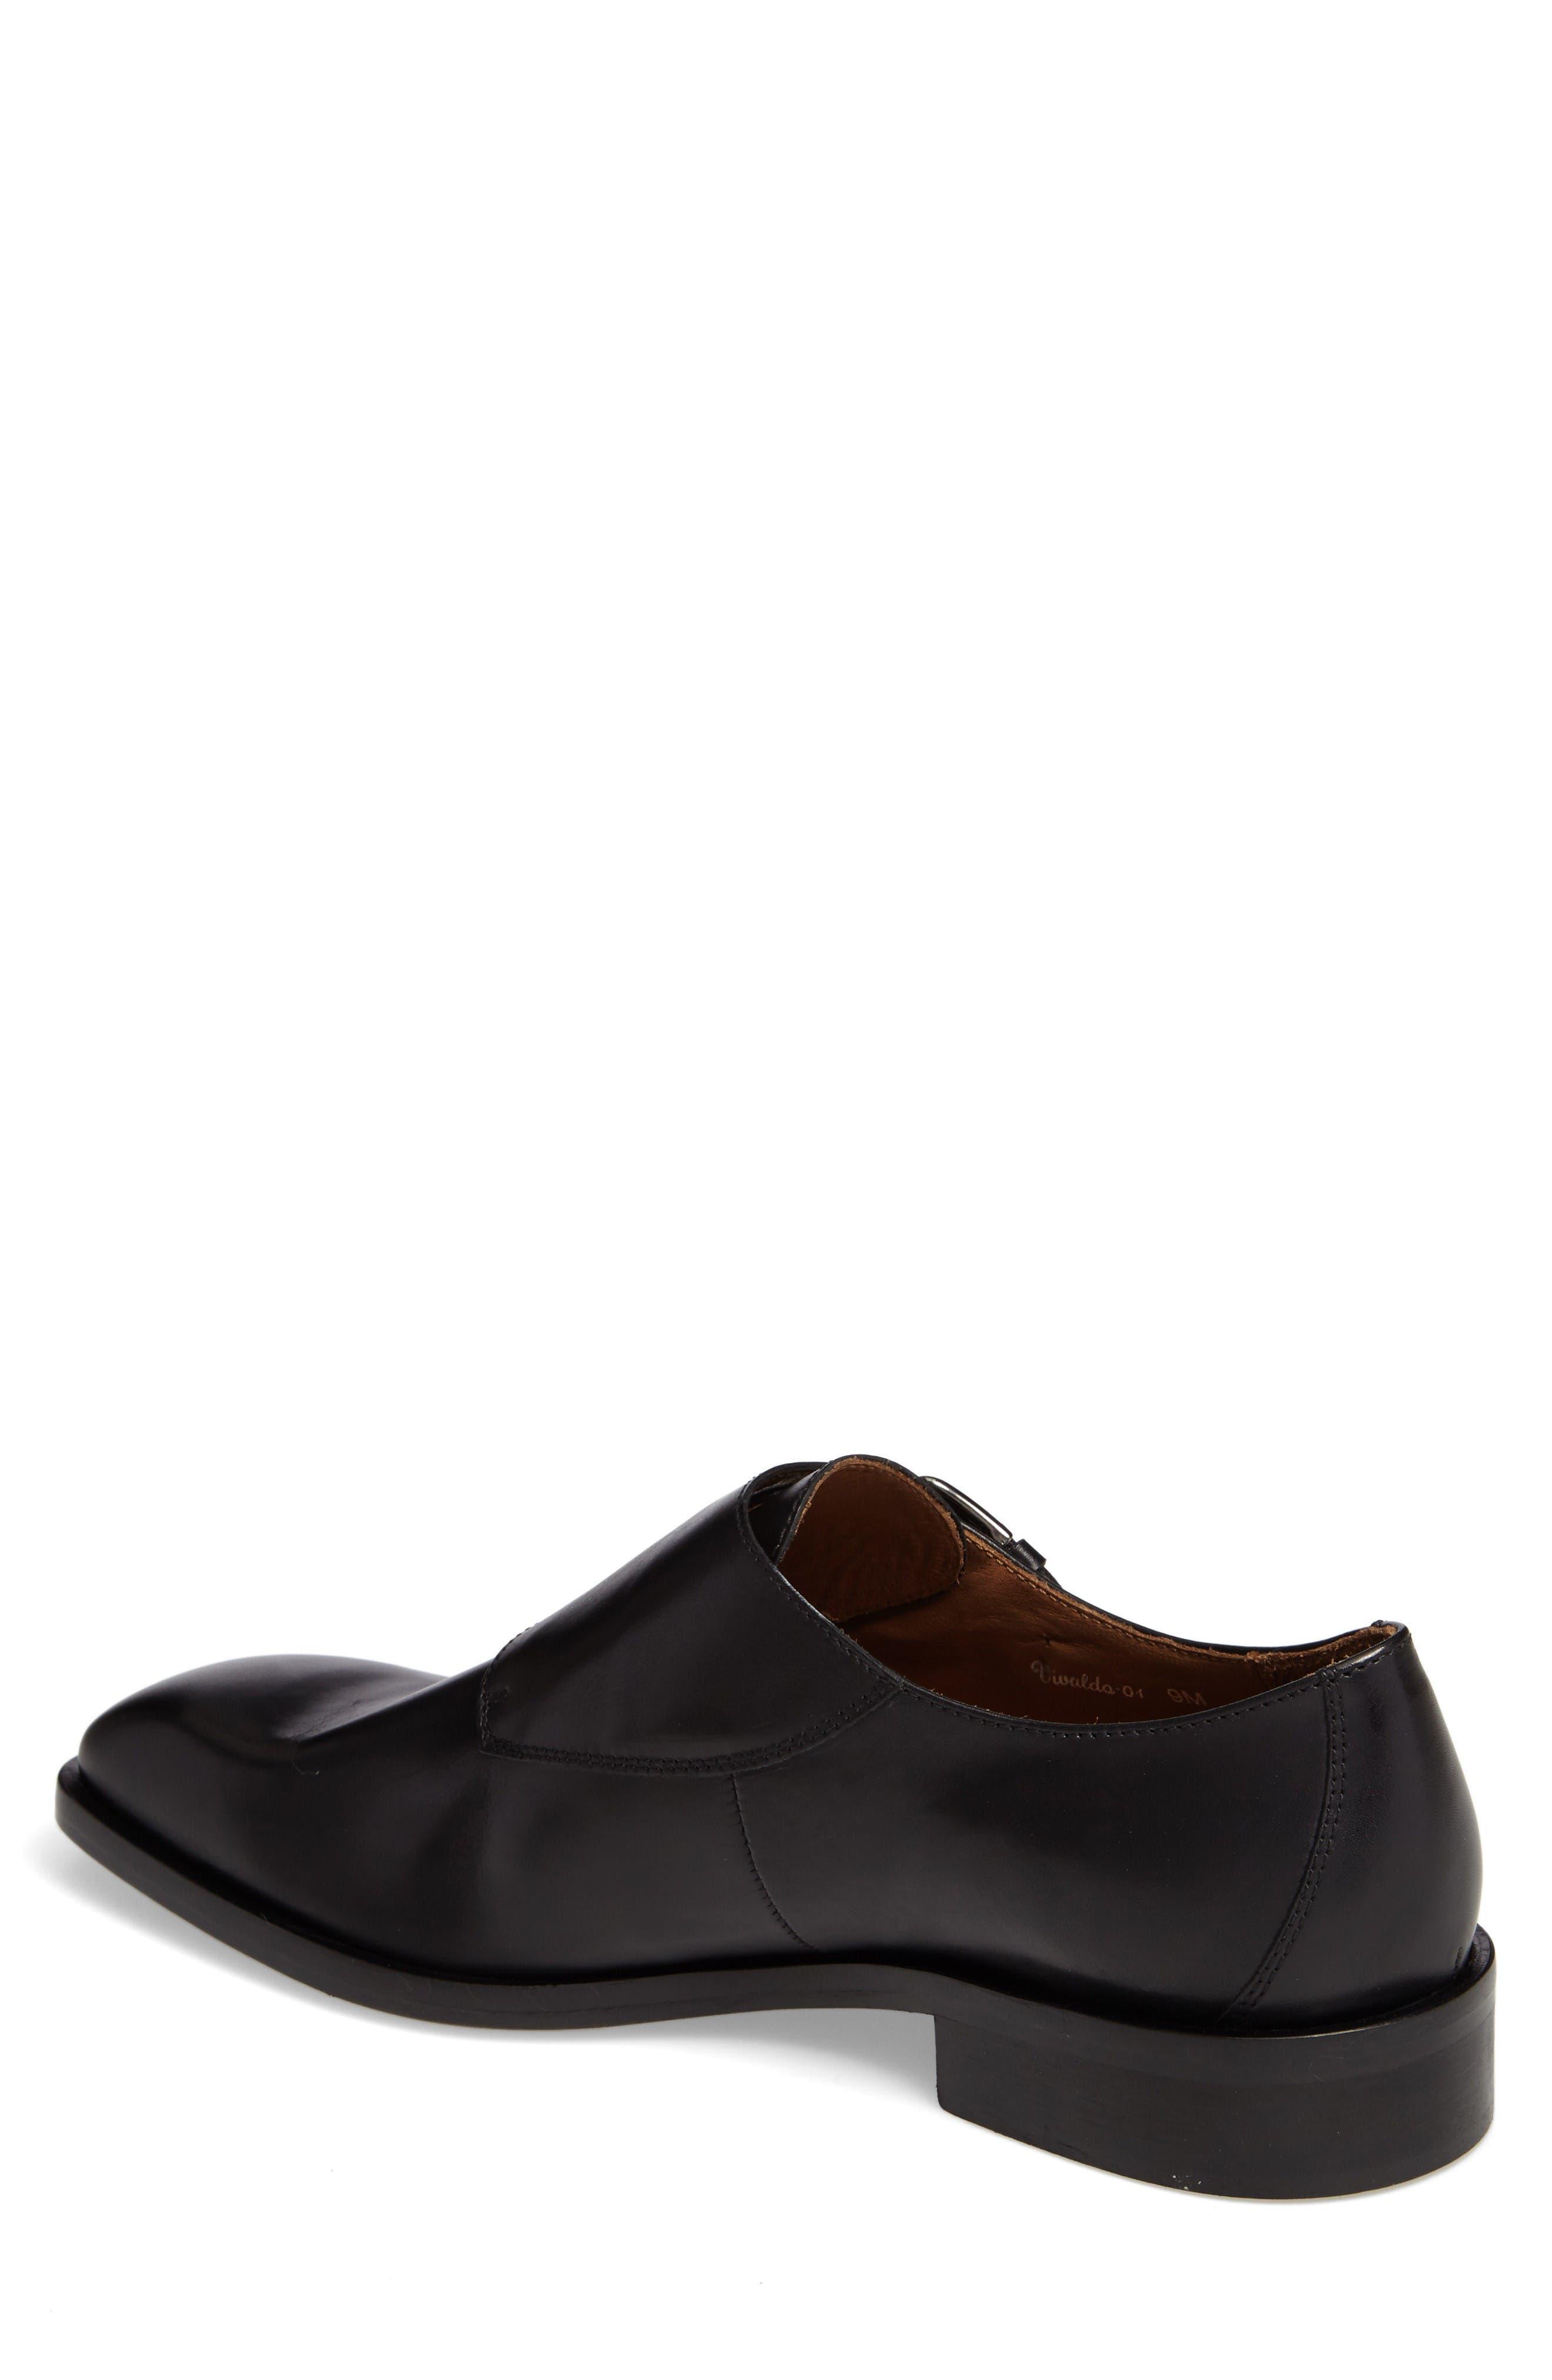 Vivaldo Venetian Loafer,                             Alternate thumbnail 2, color,                             Black Leather